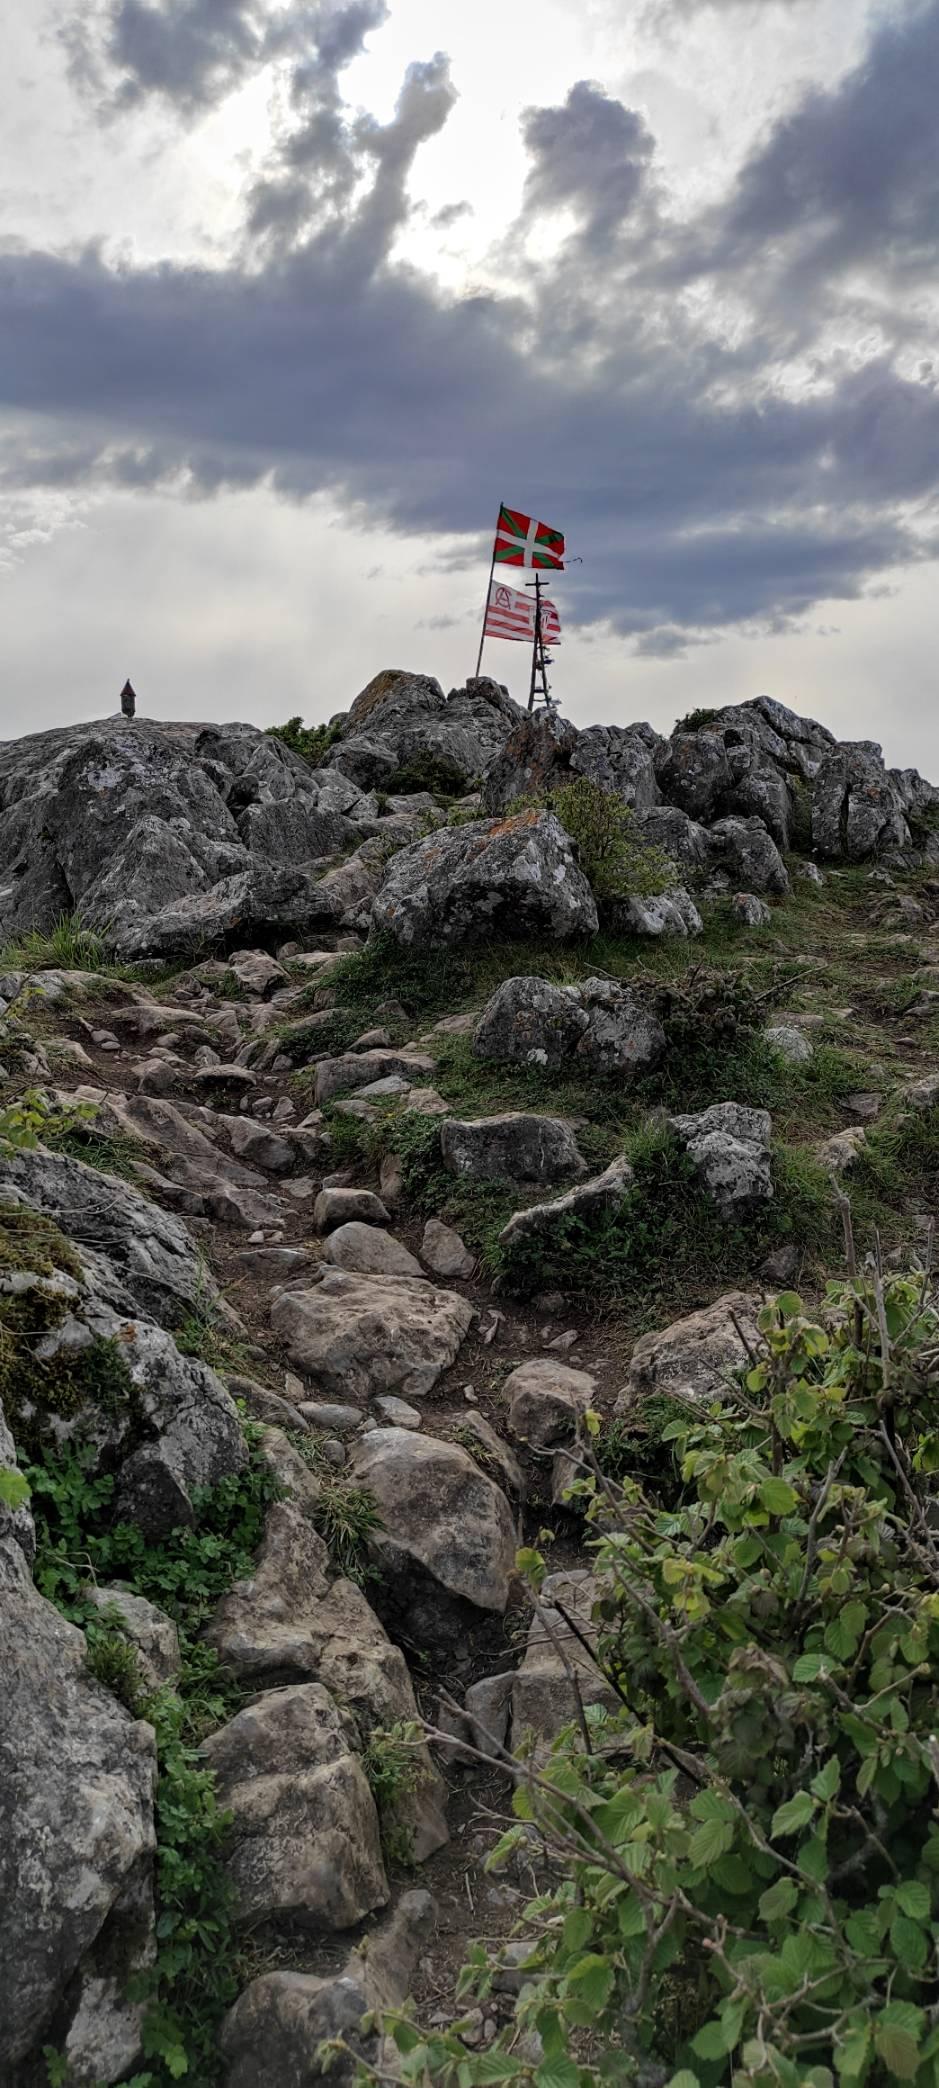 Alex Rodriguez erabiltzailea Pico de la Cruz puntan, 2021-04-24 18:18